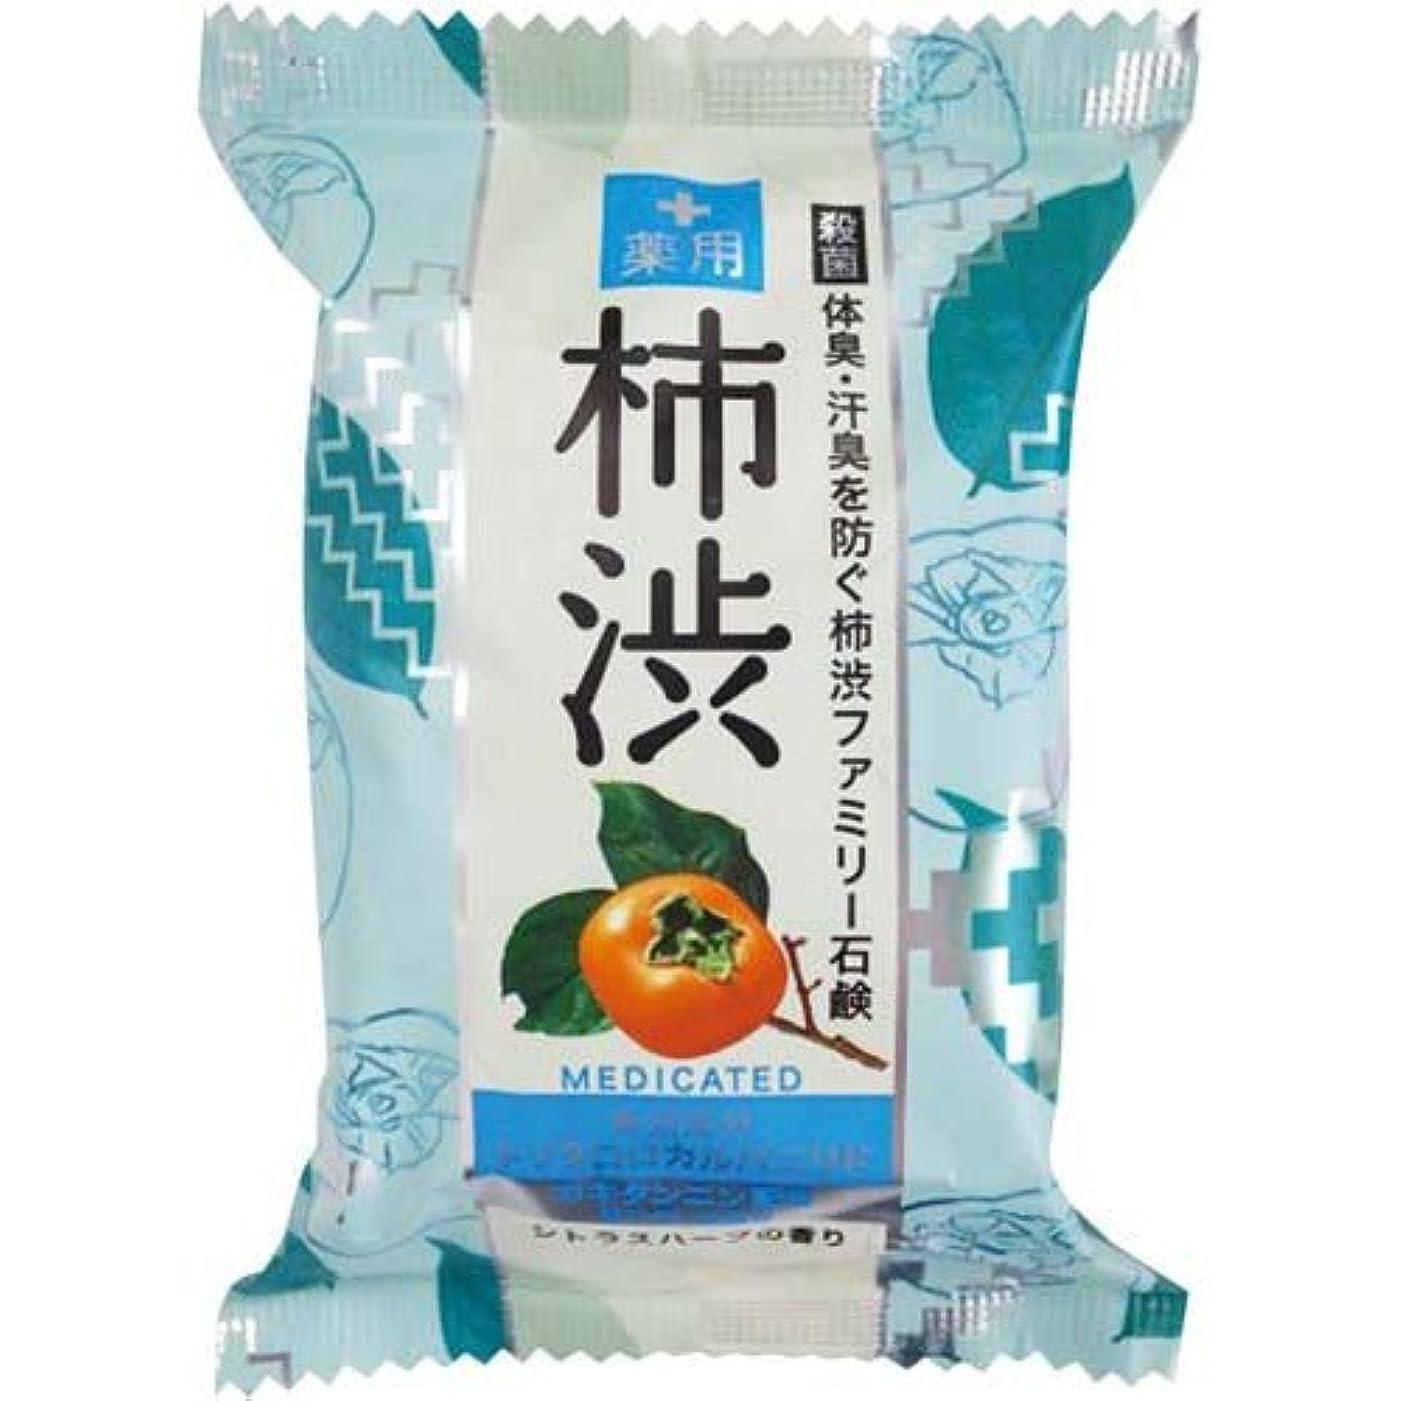 ピンポイント秘密のエスカレーターペリカン石鹸 薬用ファミリー柿渋石鹸×6個×4箱